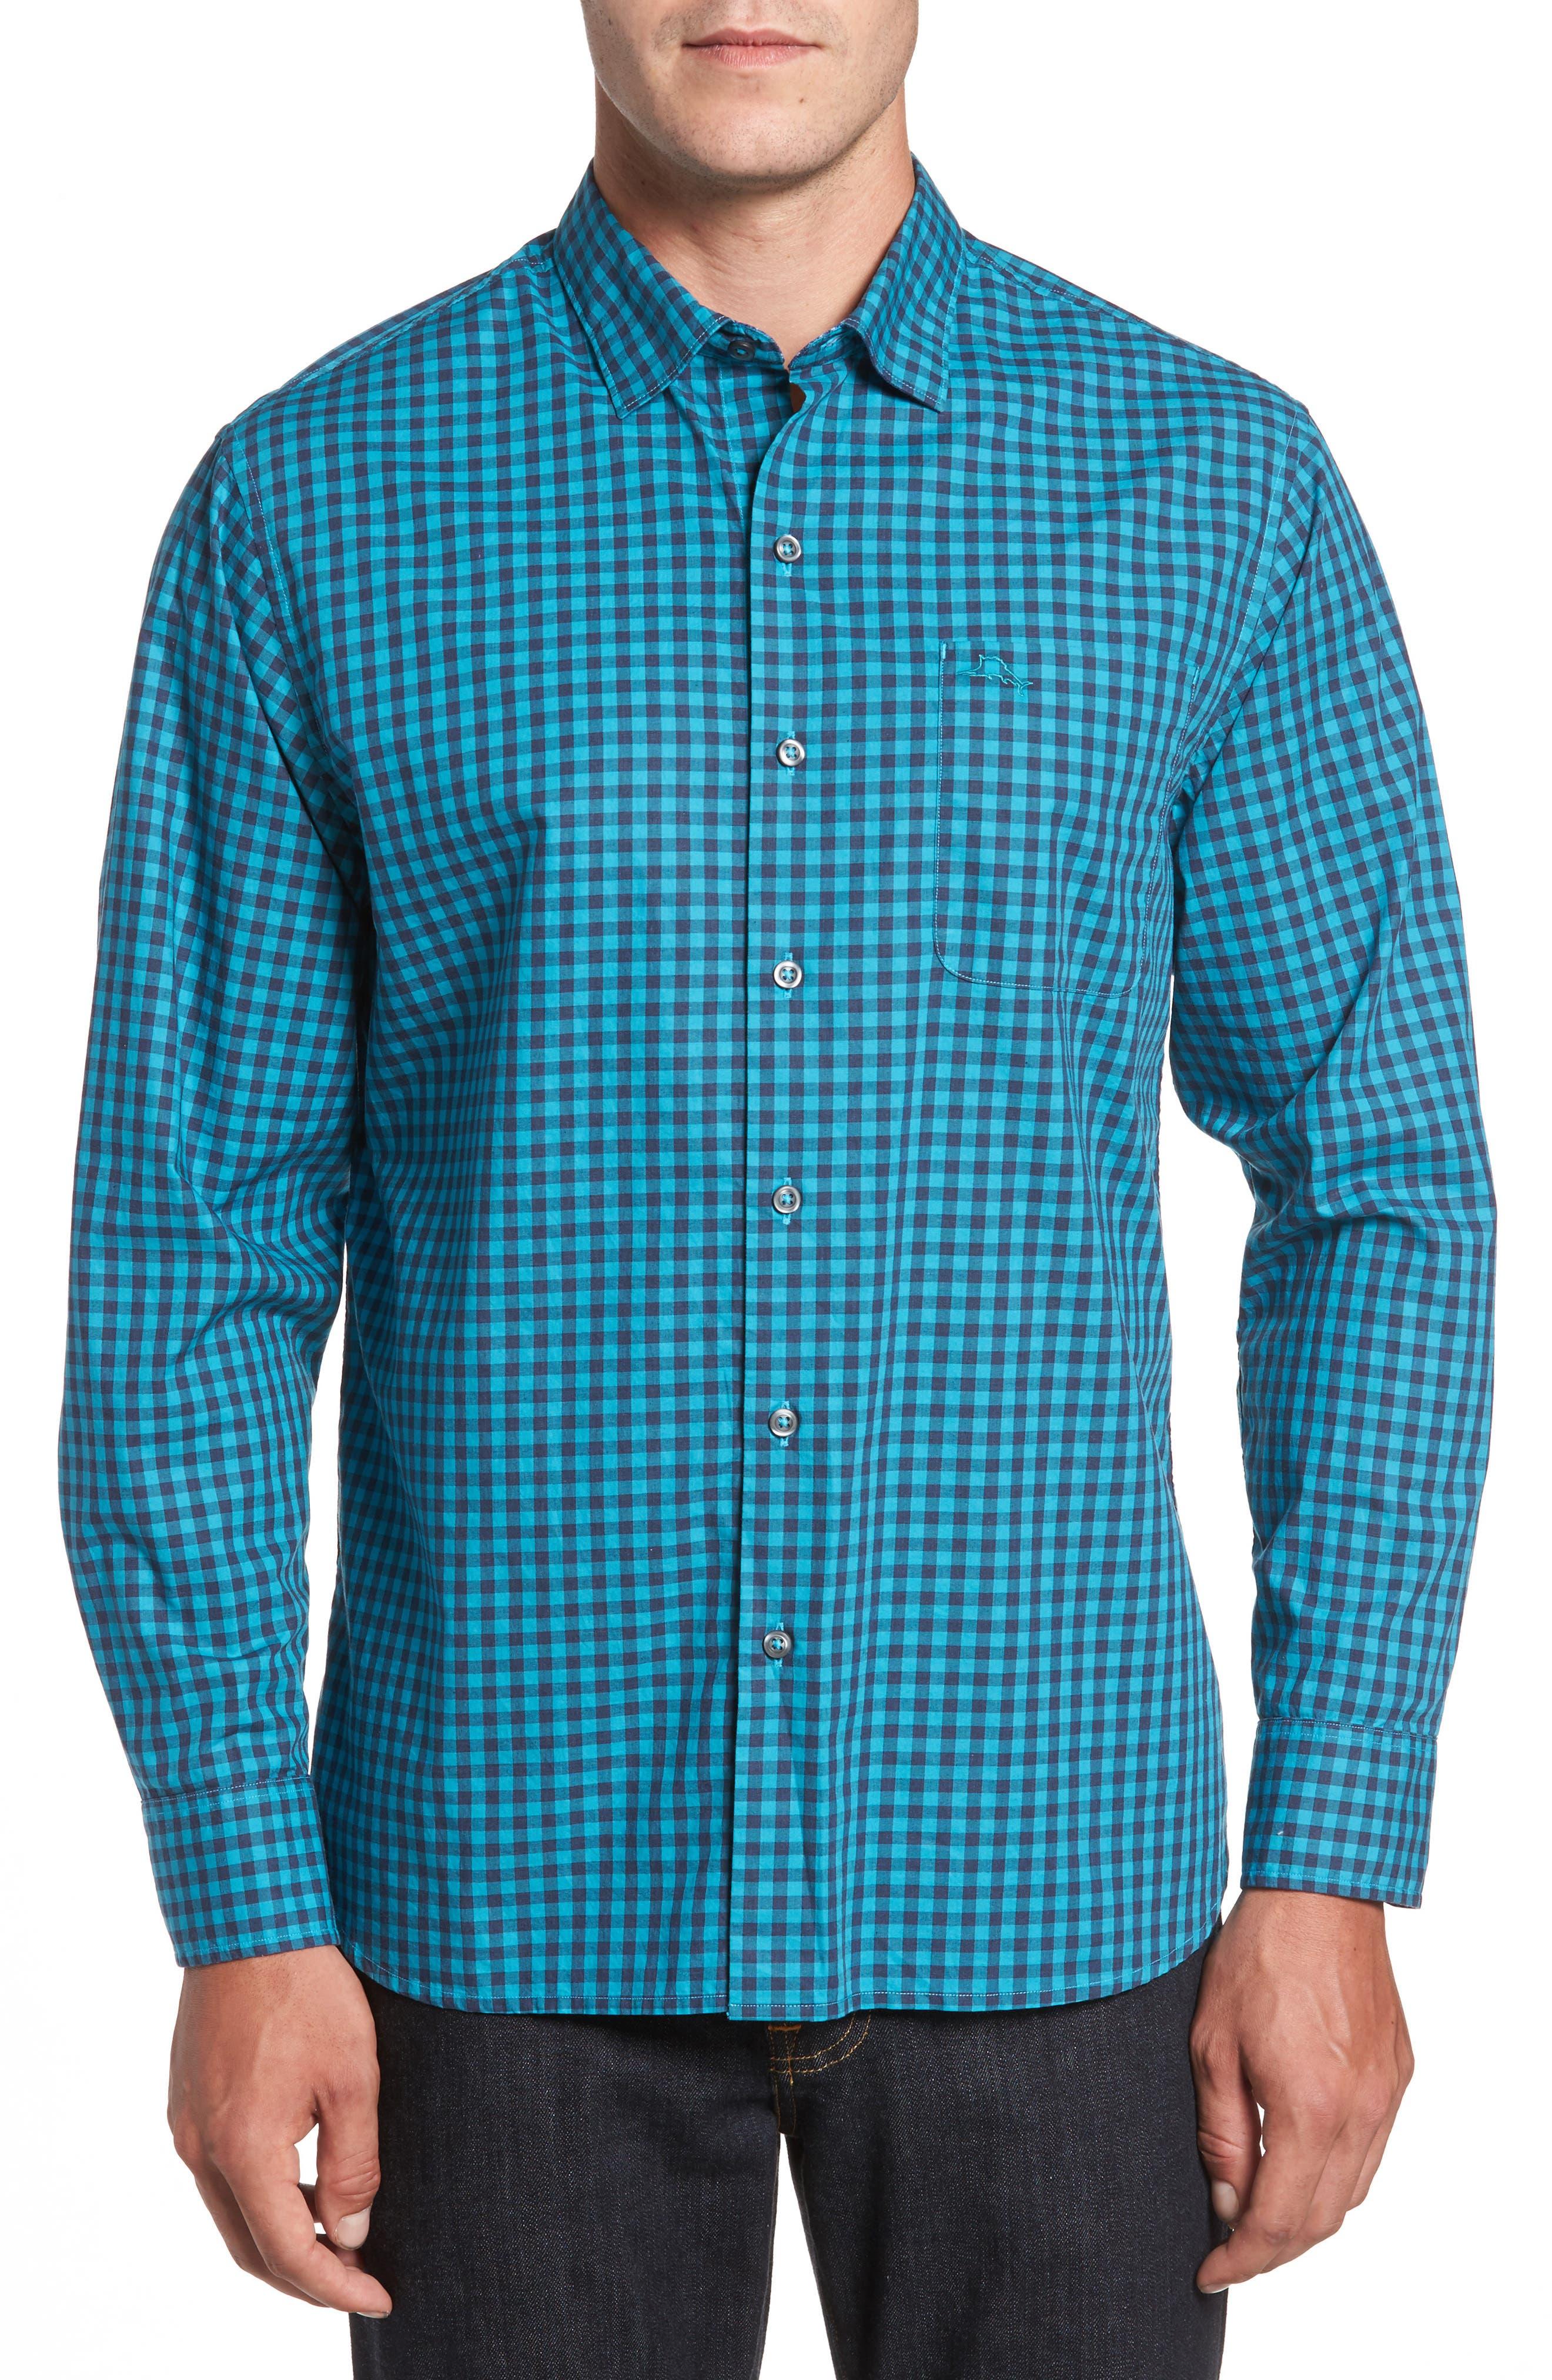 Alternate Image 1 Selected - Tommy Bahama Mazagan Check Sport Shirt